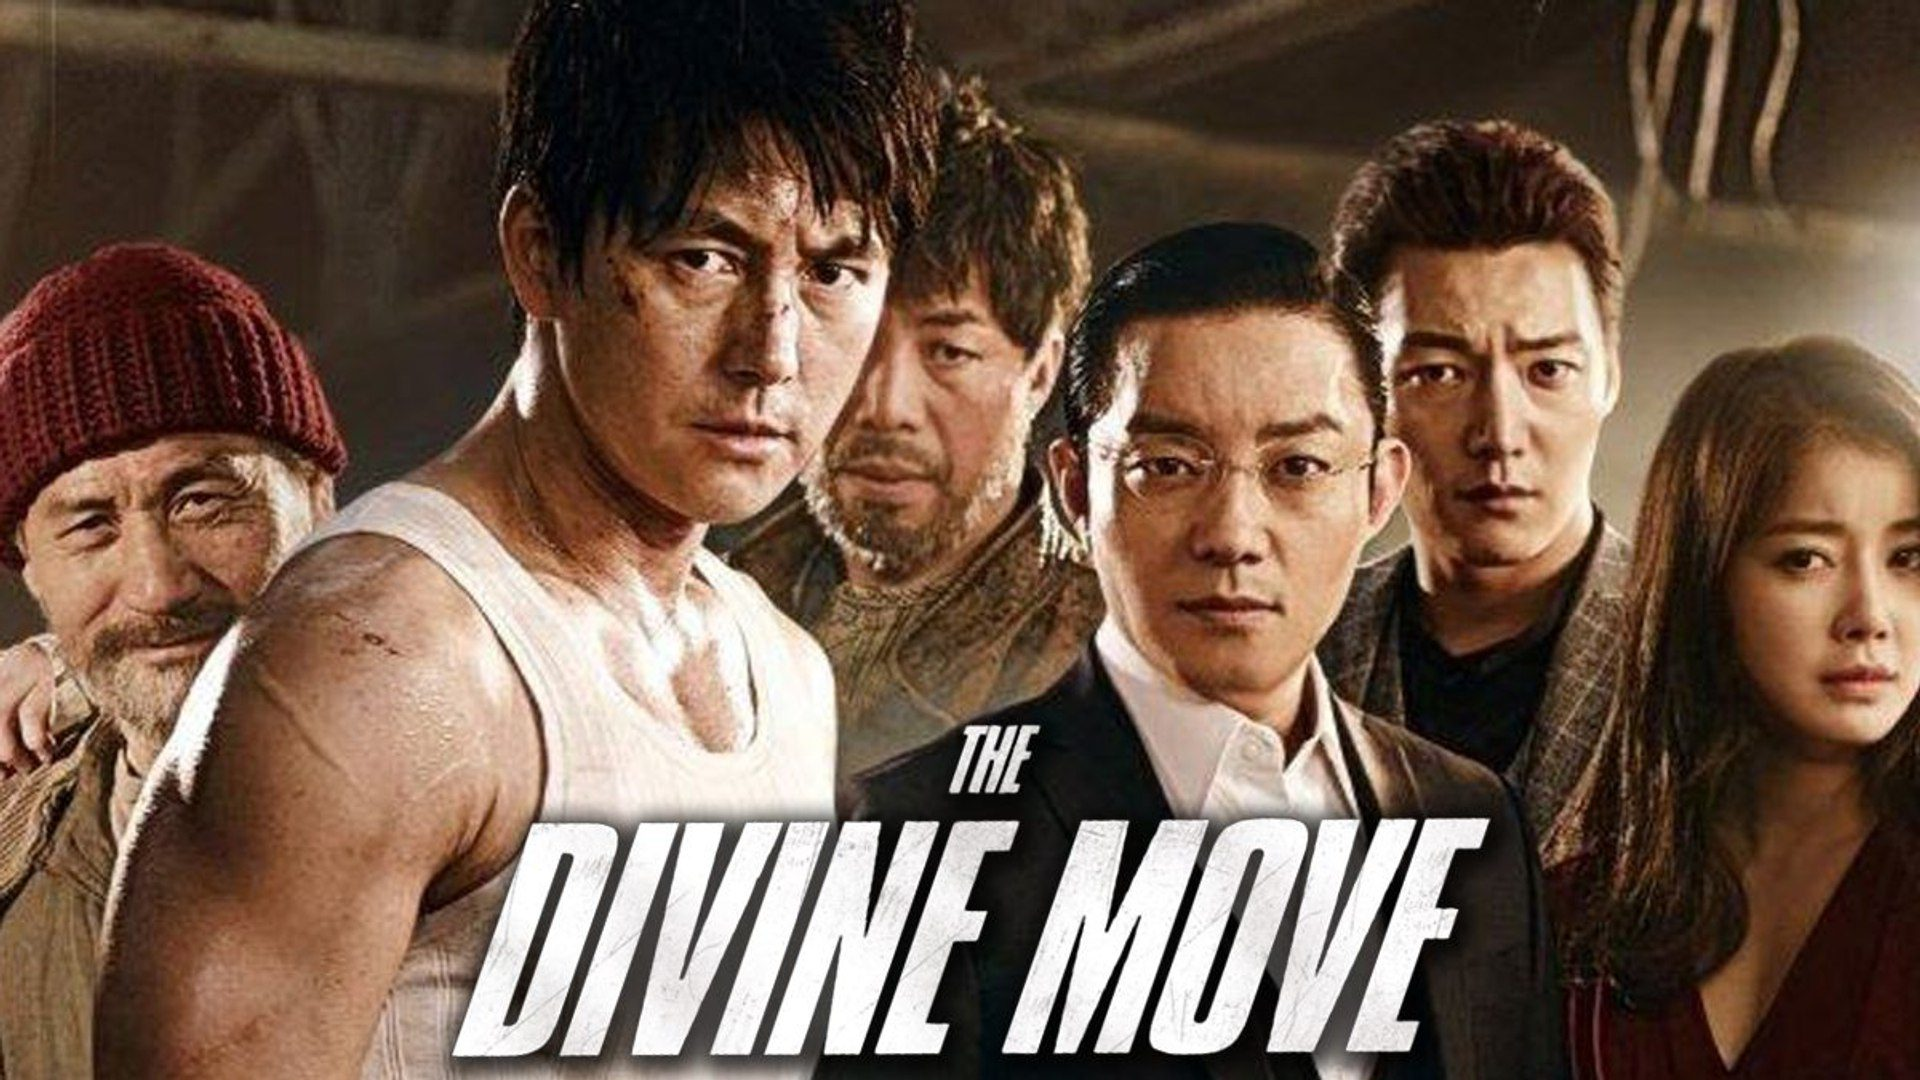 เซียนหมาก โค่นโคตรเซียน The Divine Move (ดูหนังเต็มเรื่อง)